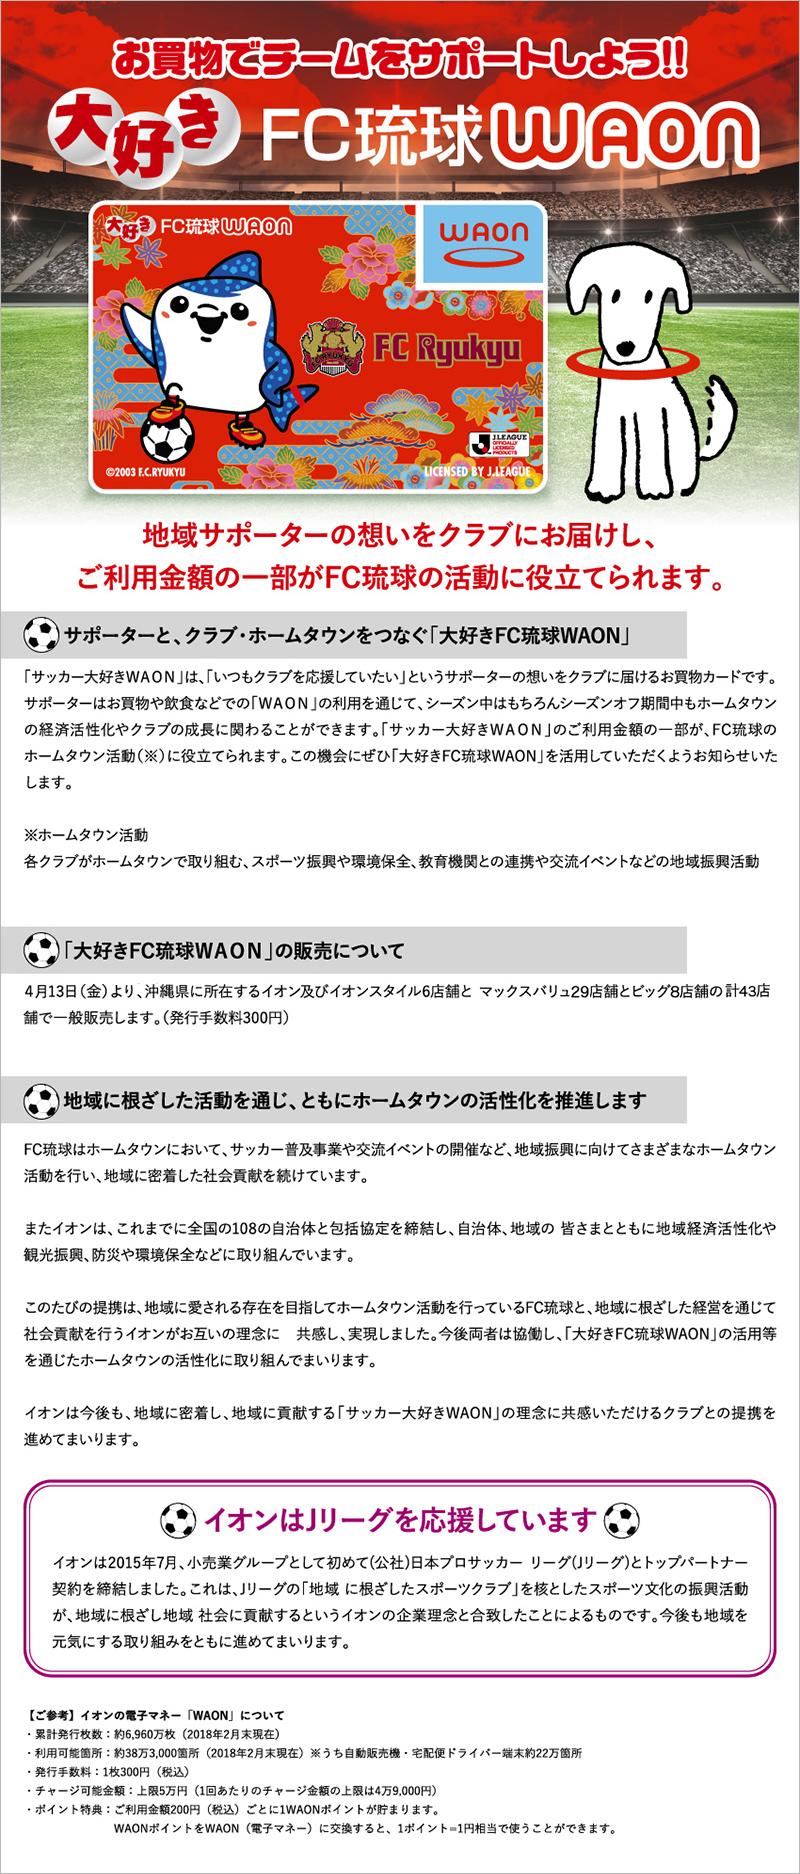 大好きFC琉球WAON販売開始